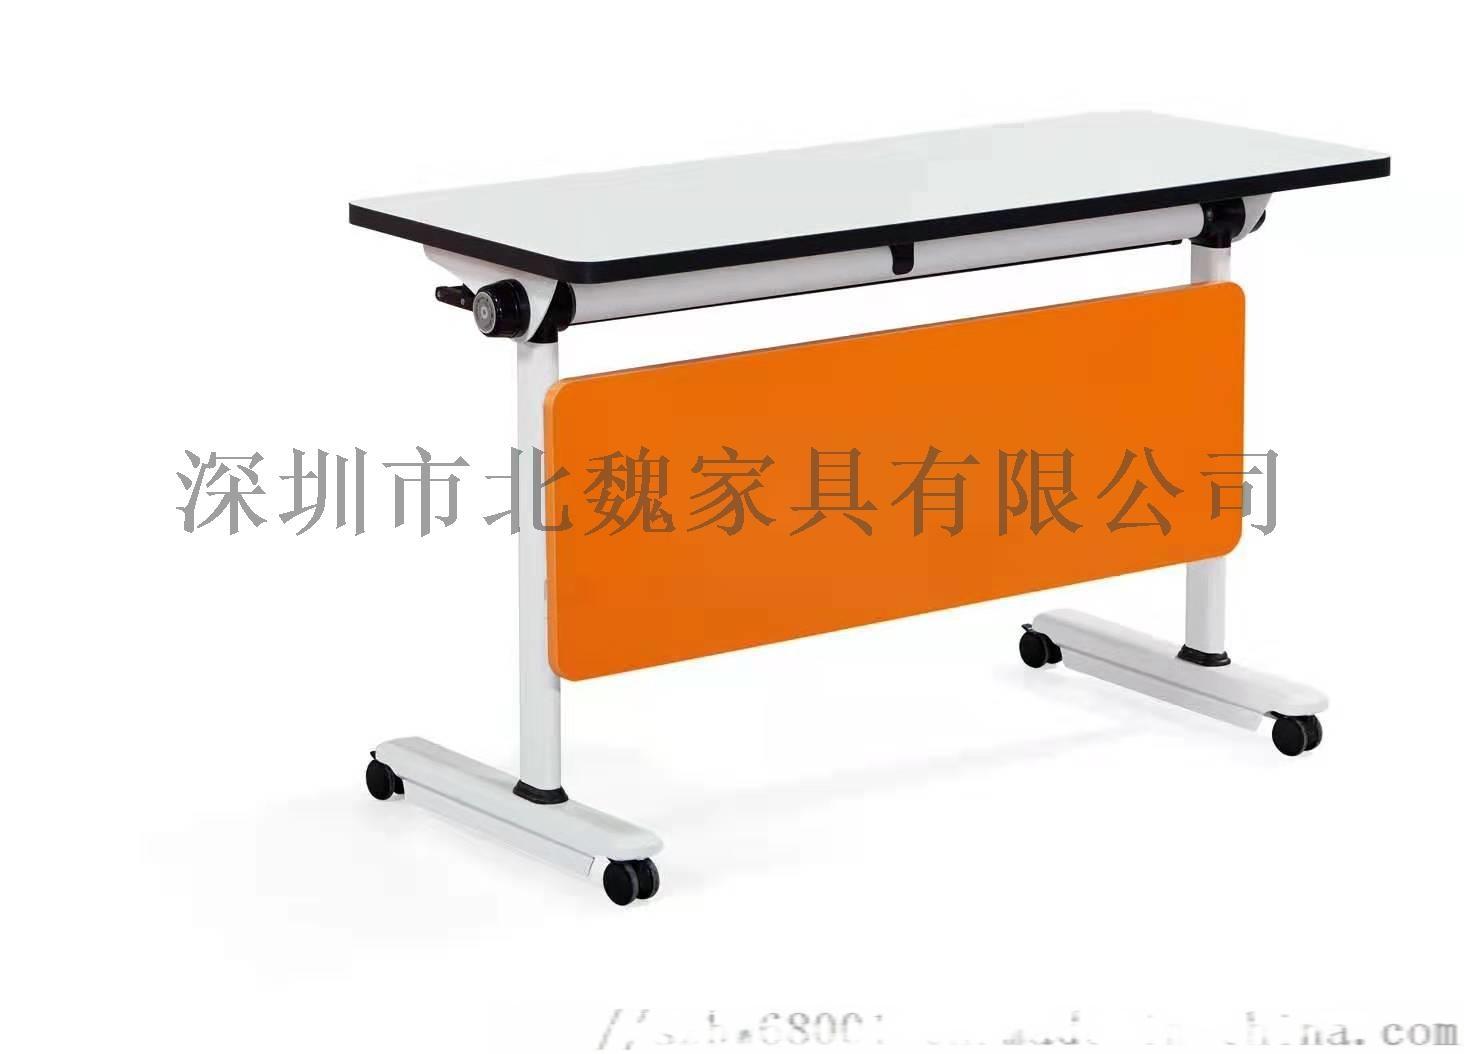 折叠培训桌|可折叠培训台|广东培训桌生产厂家122950465